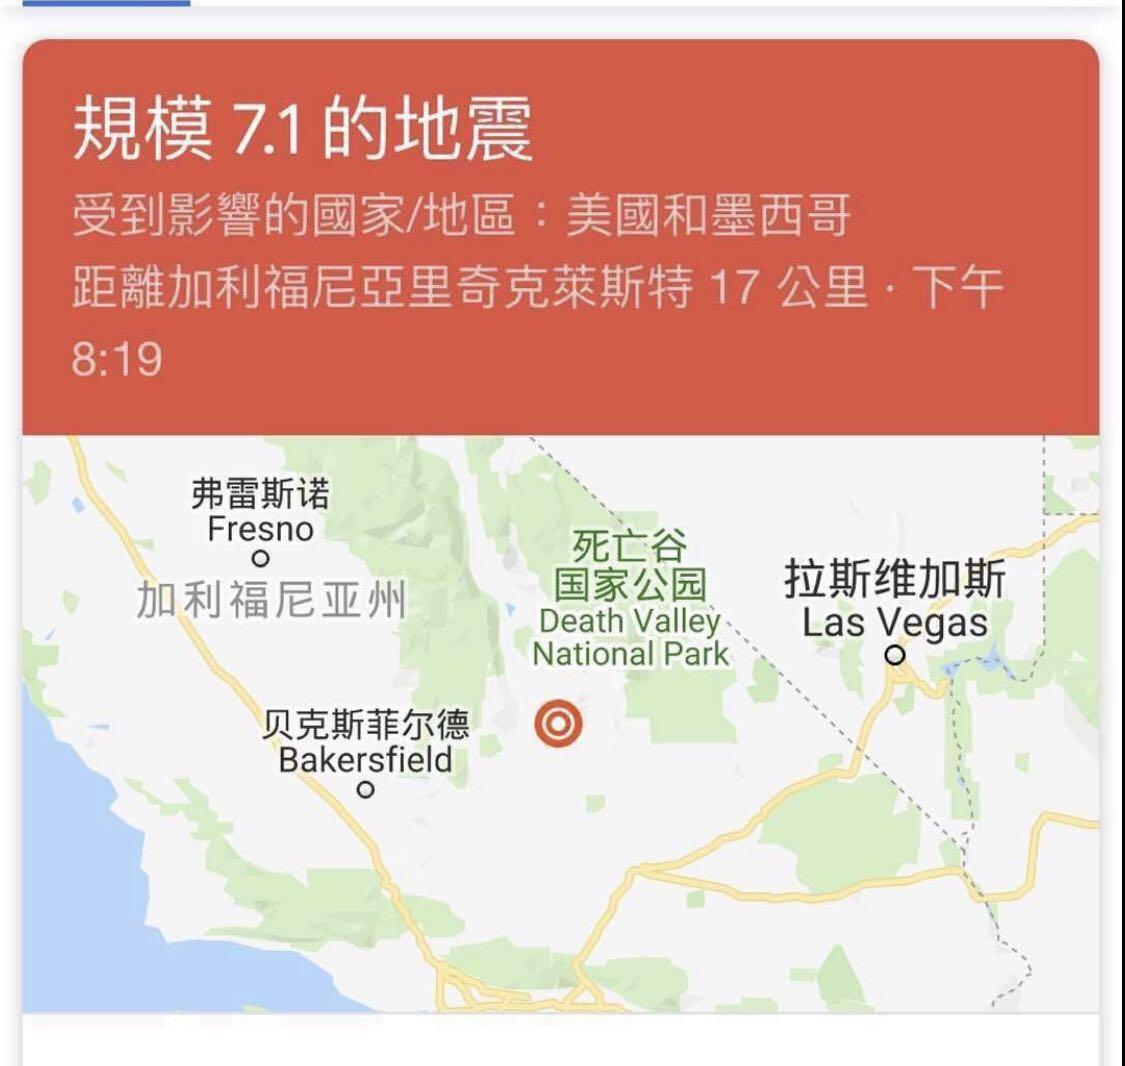 突發!剛剛!加州再發7.1級大地震!專家:不排除8級以上巨震降臨的可能!